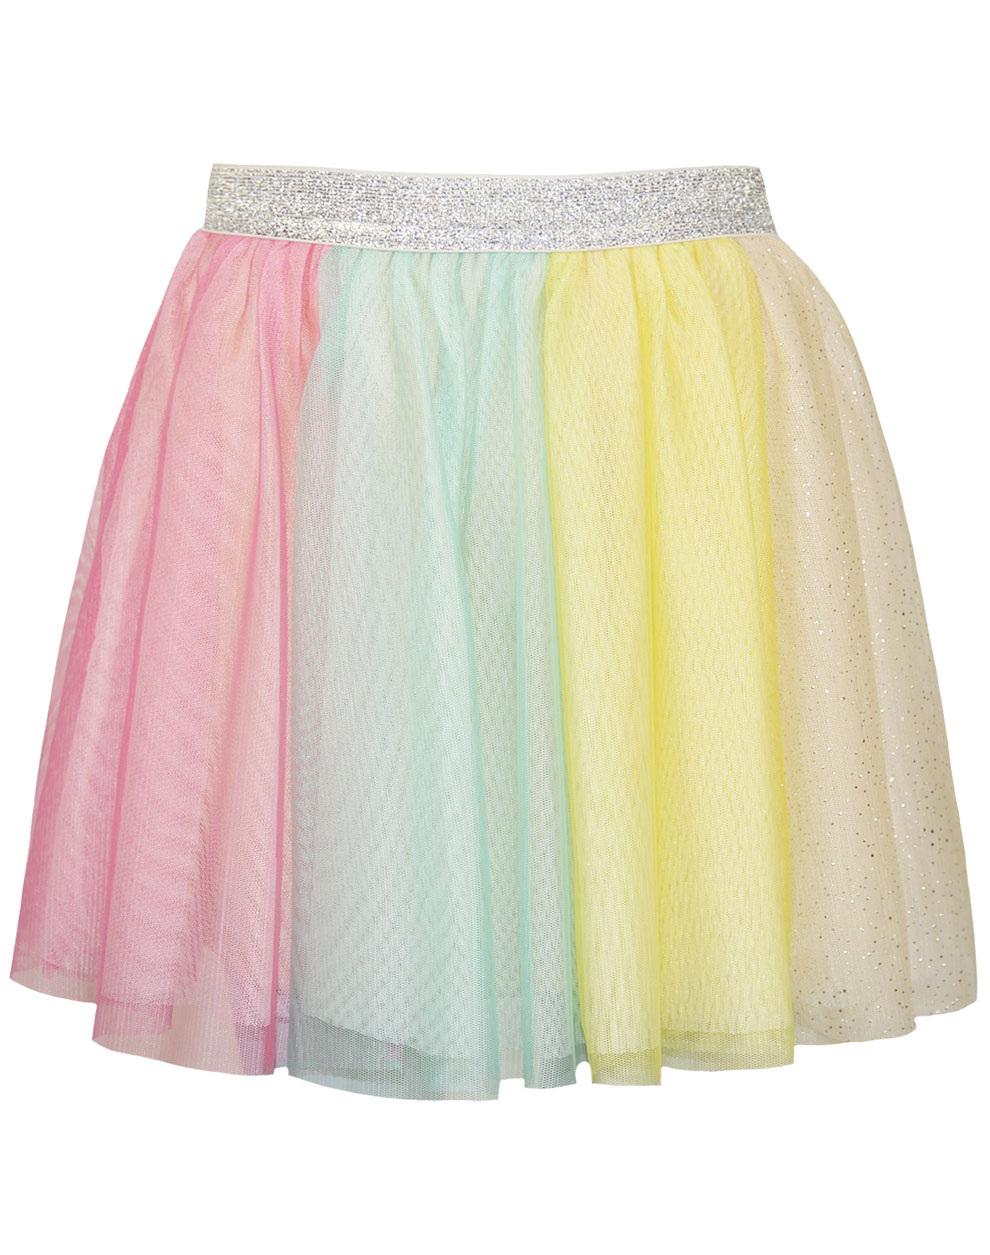 Τουτου φούστα με θέμα rainbow 15-220304-3 - Εμπριμέ - 16725-...